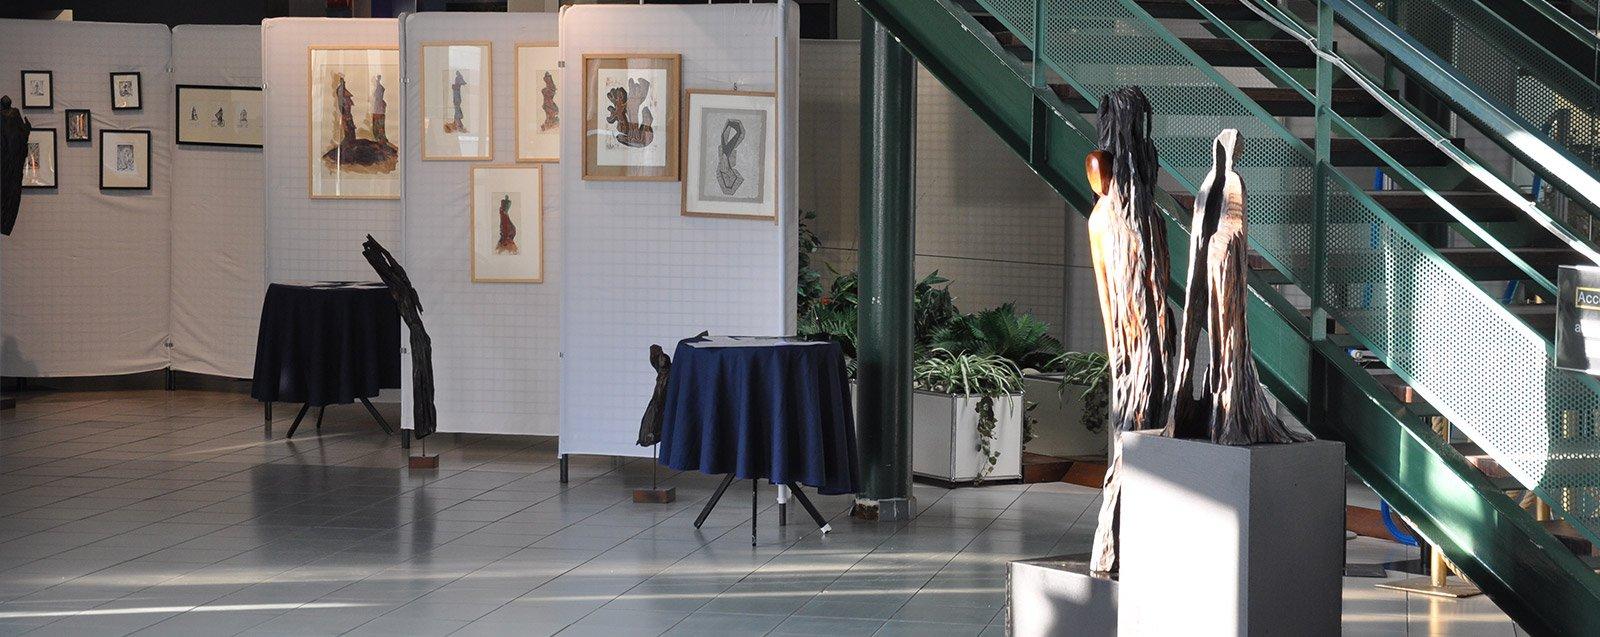 Exposition galerie Hôtel de Ville Villefontaine